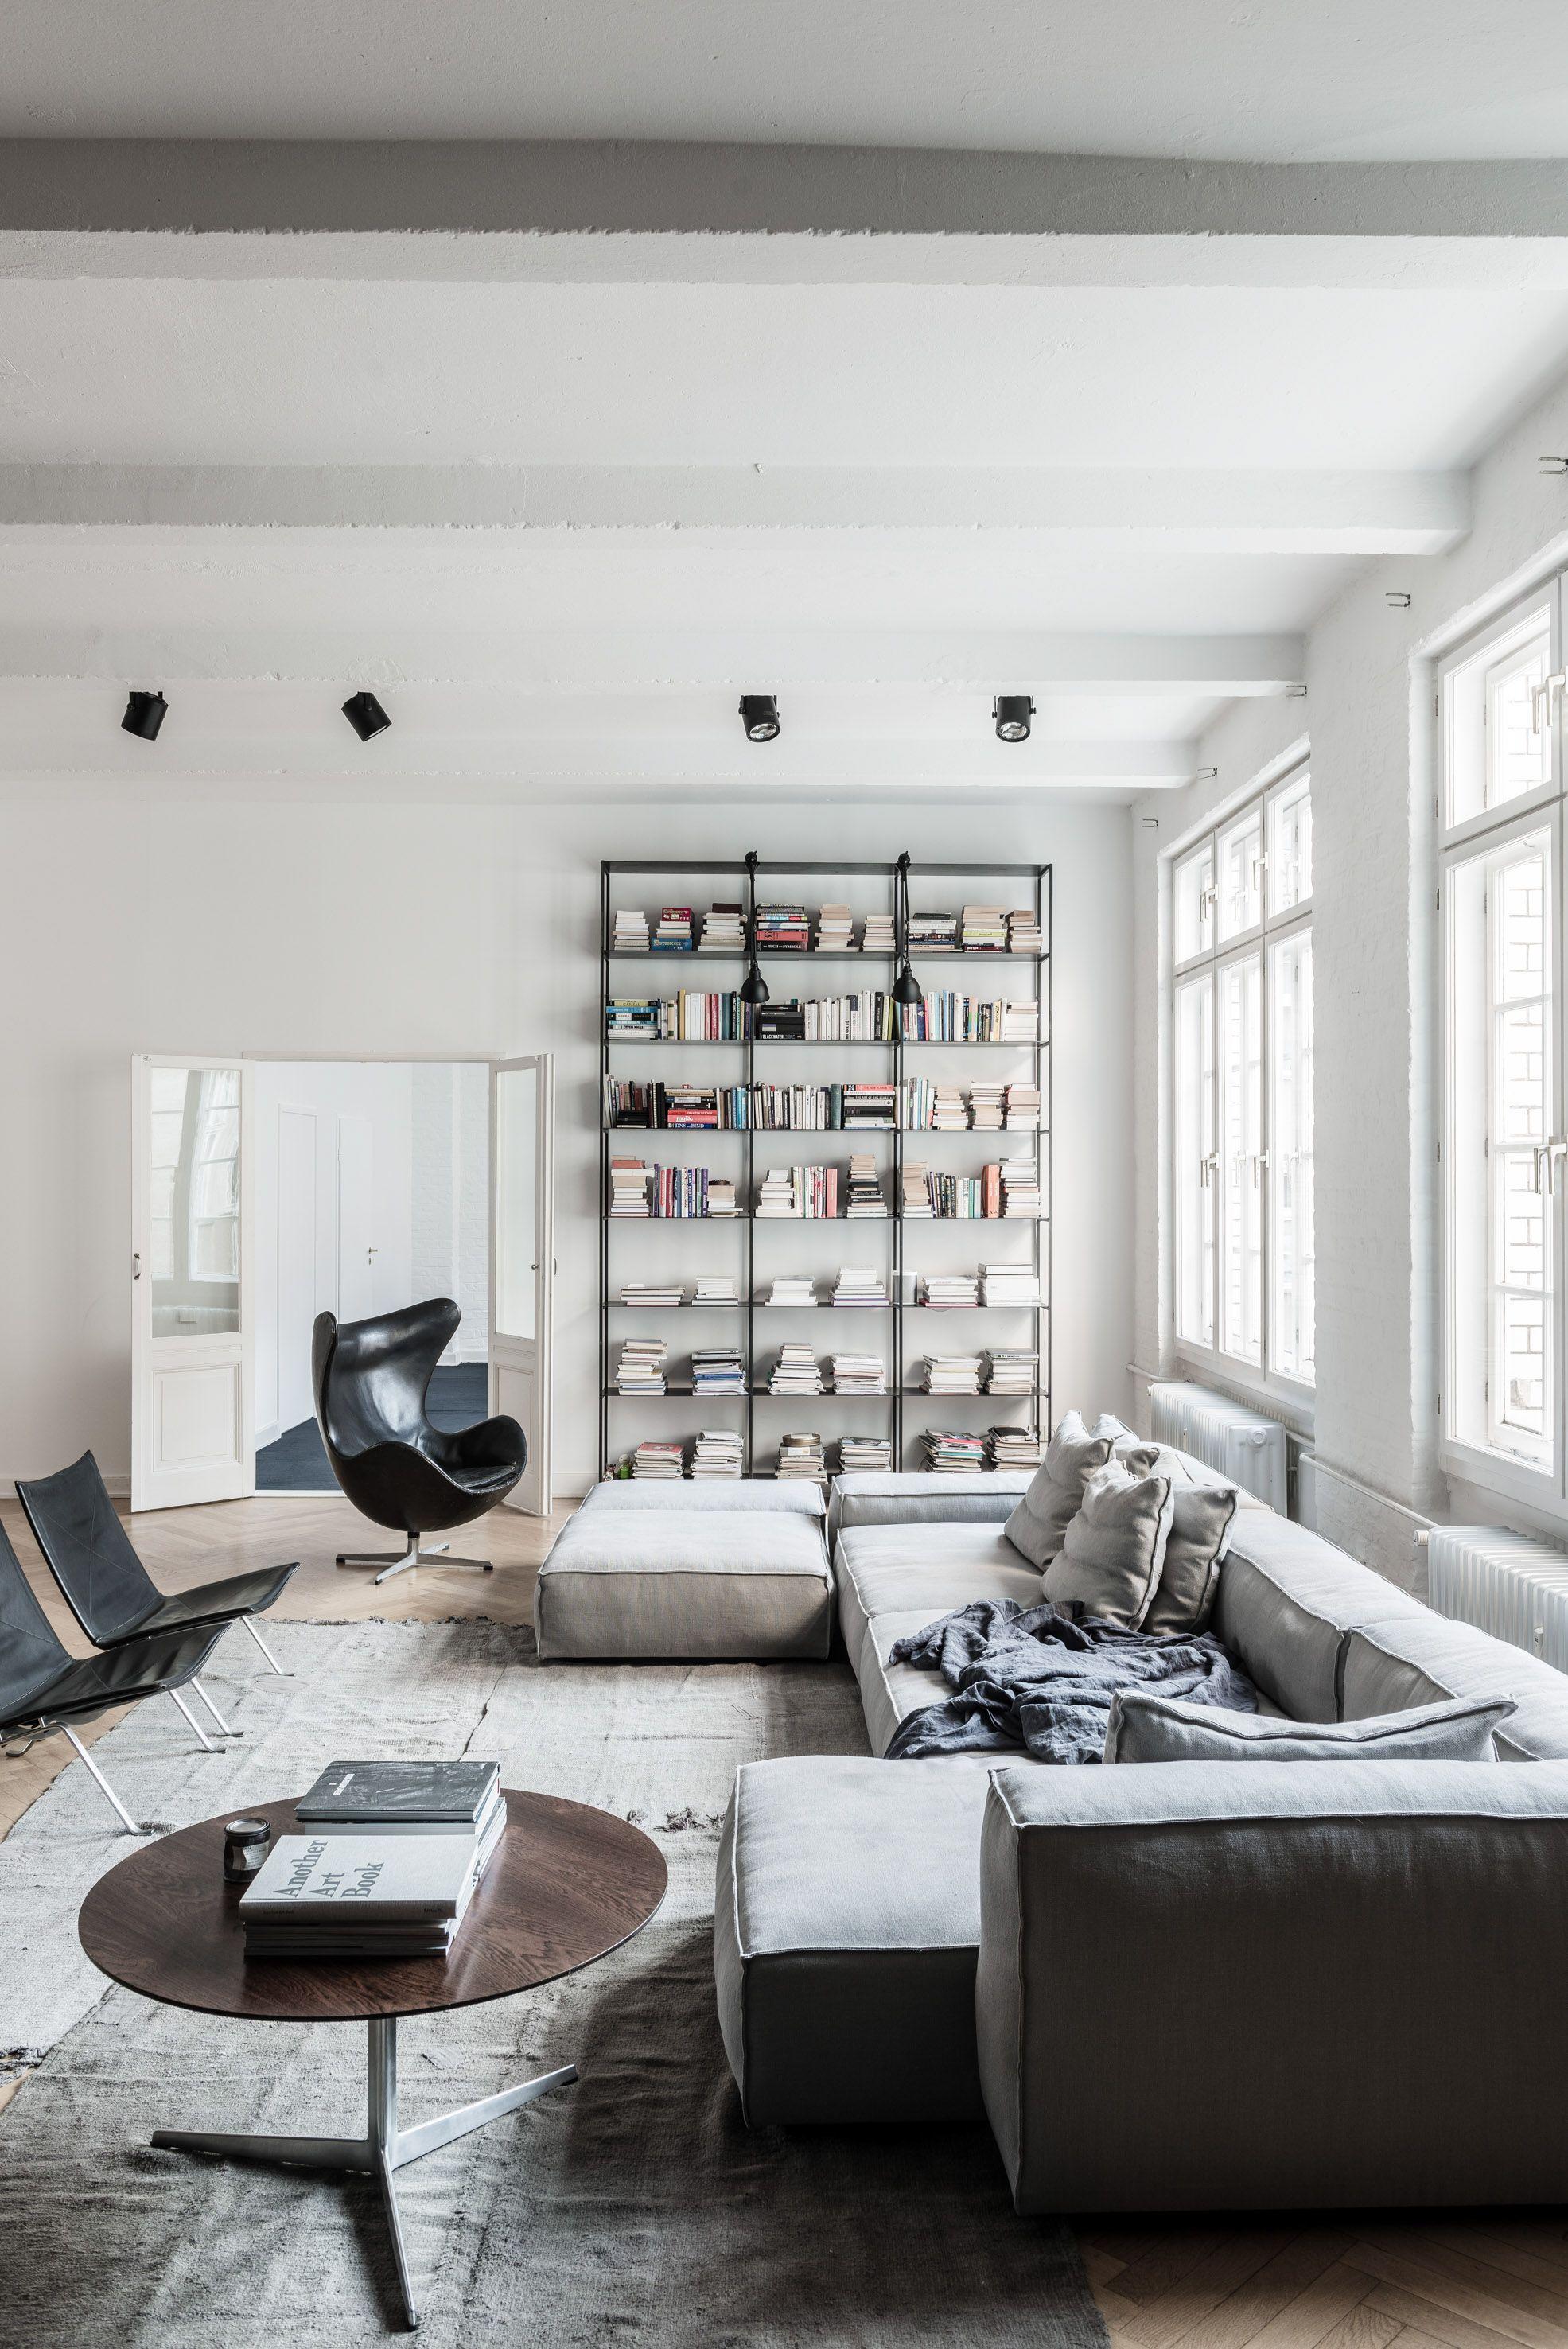 Pin van Nitha Dijkstra op Home in style | Pinterest - Verlichting ...